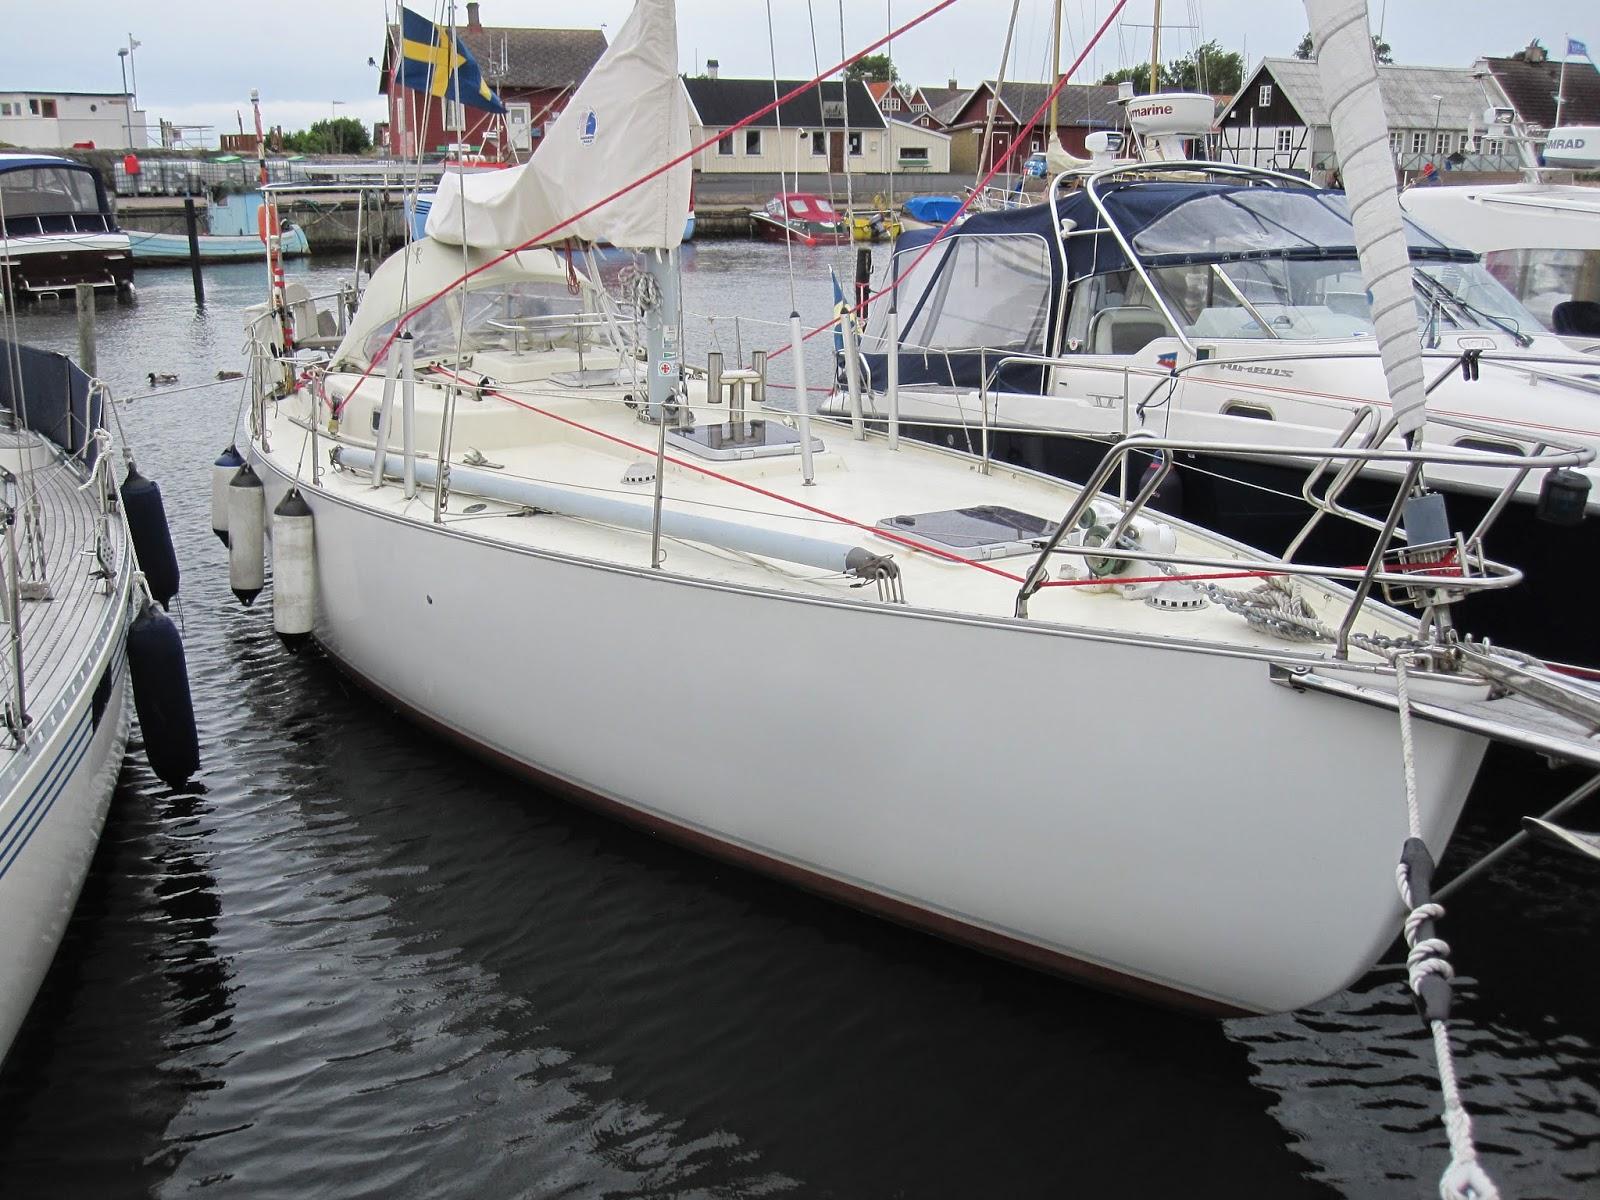 kaskelot sejlbåd